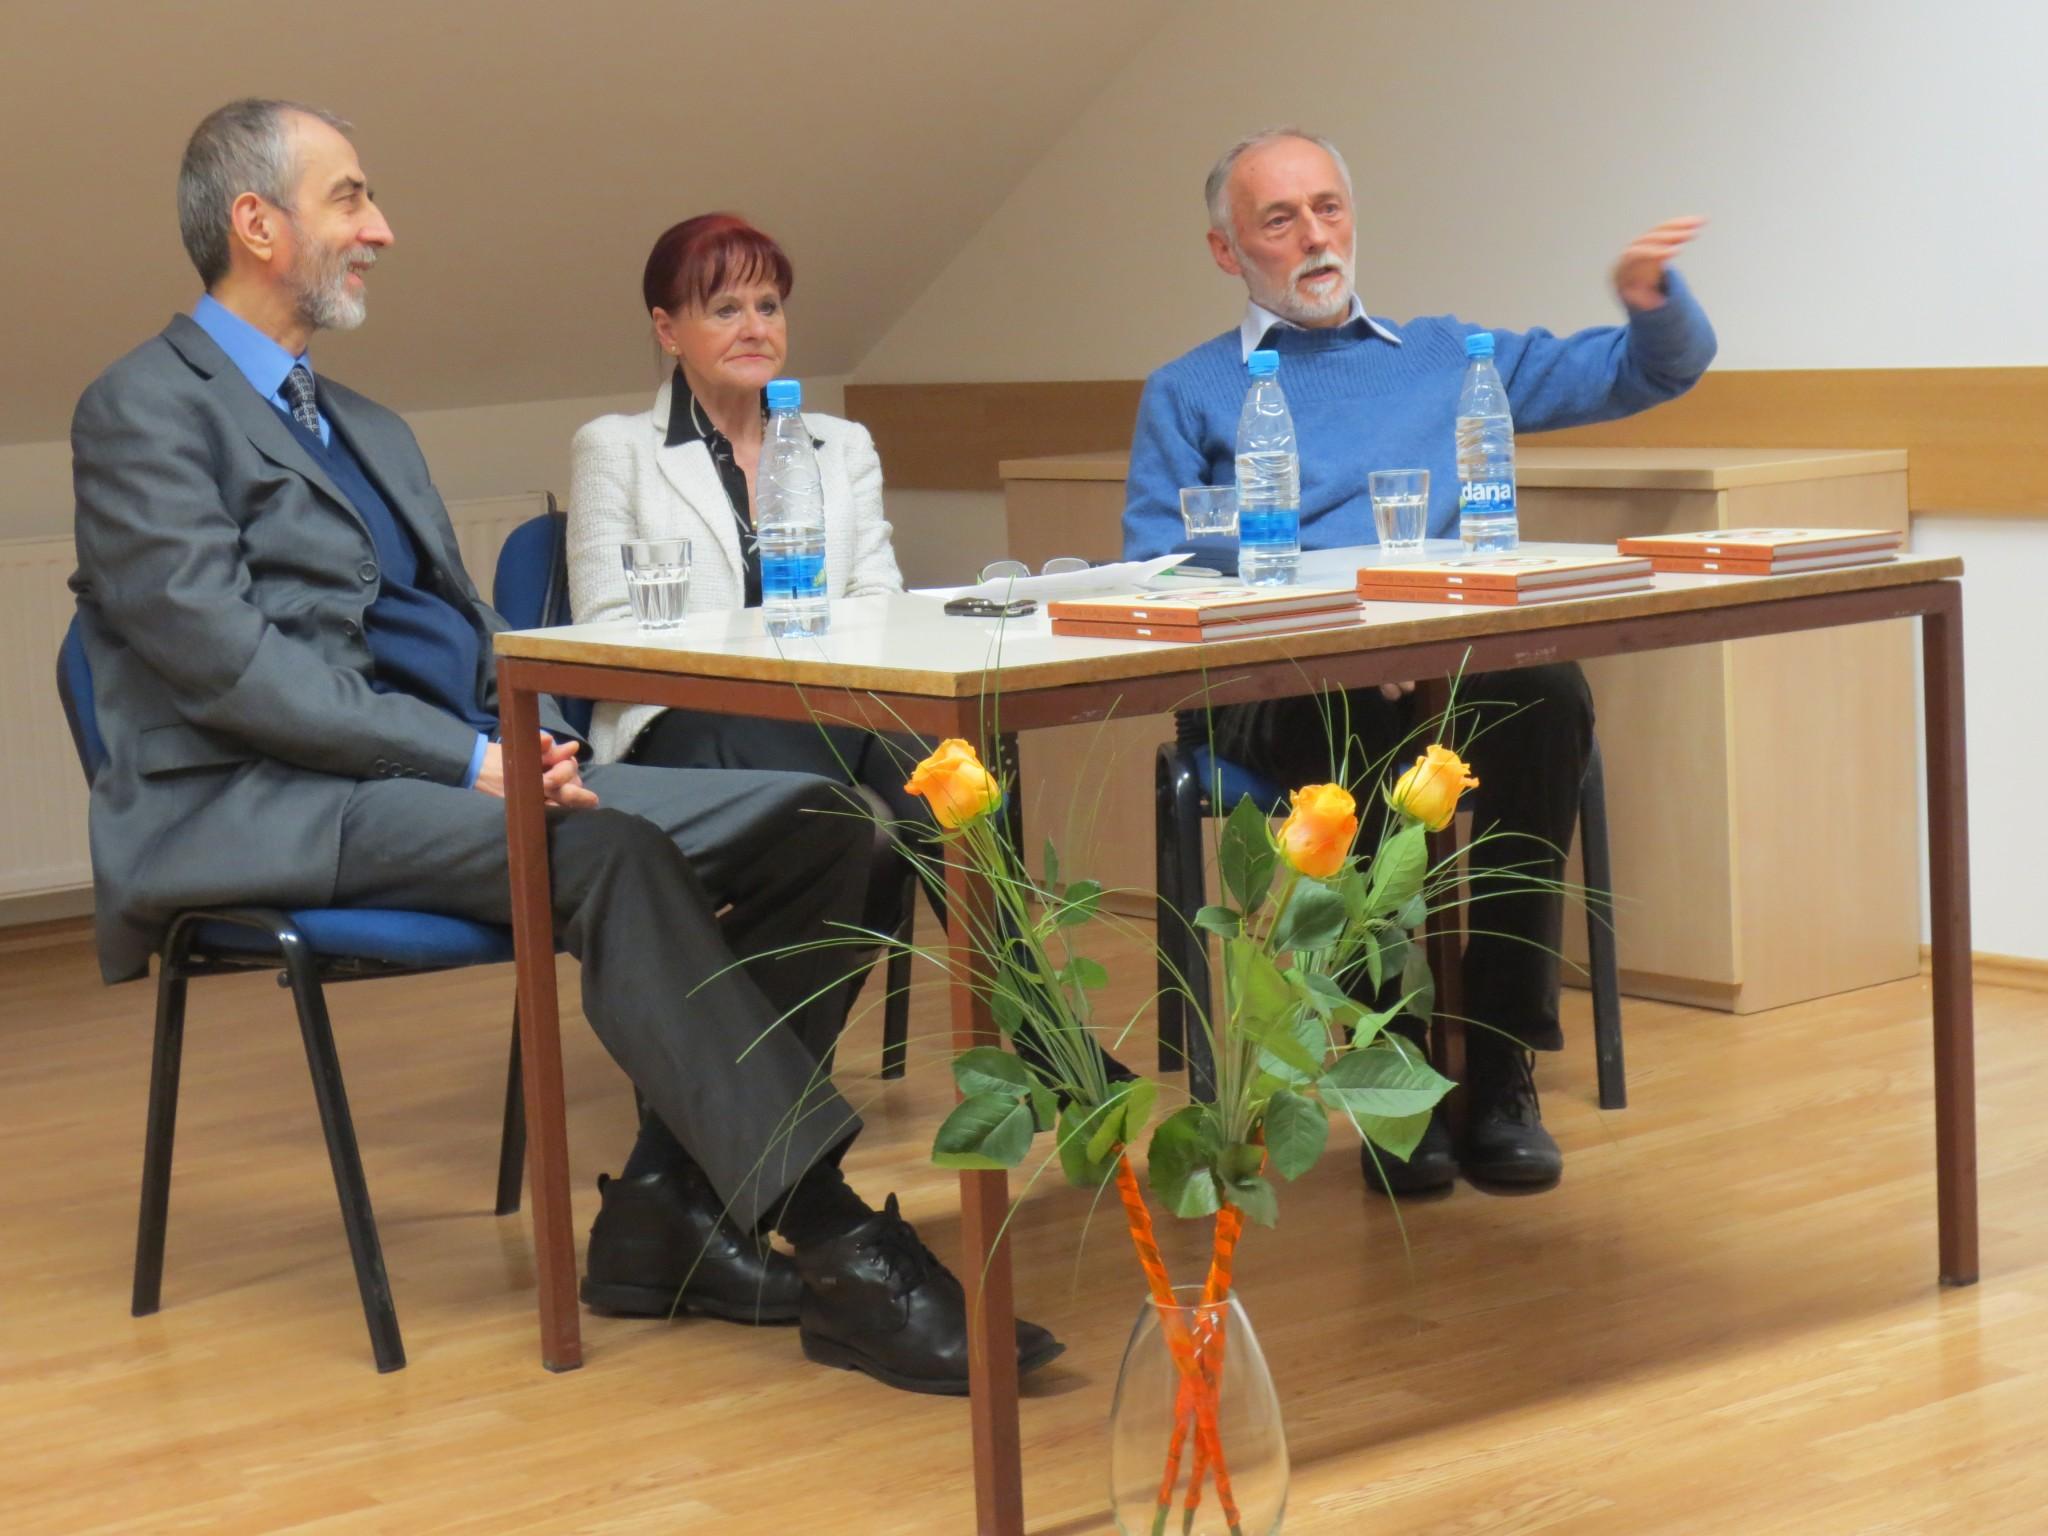 IMG 3517 - Milan Jazbec: Diplomat Martin Krpan